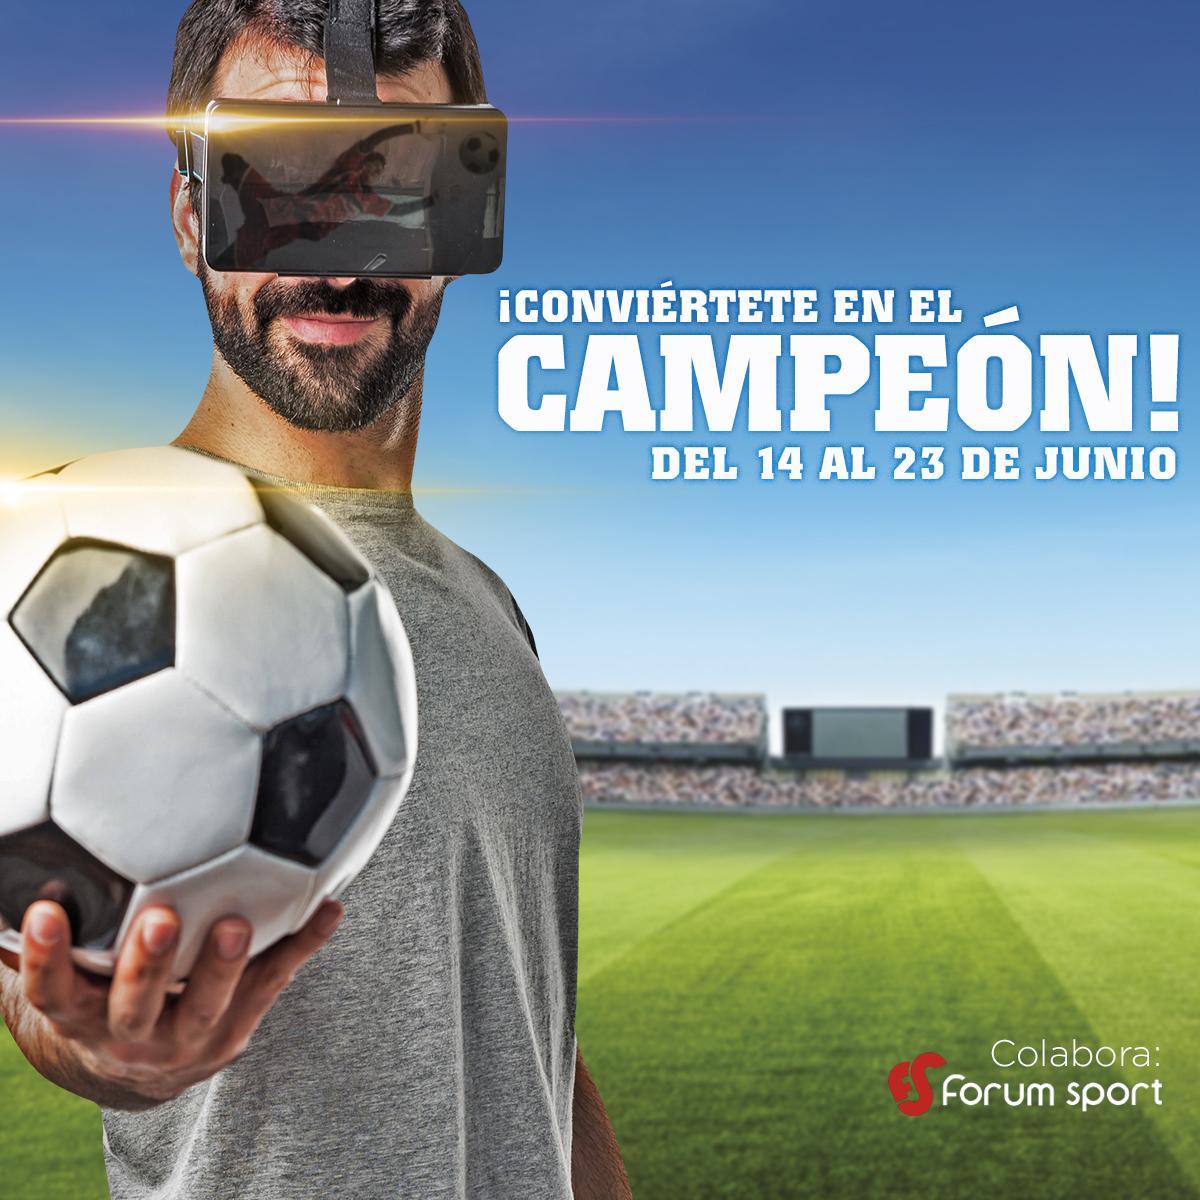 ¡CONVIÉRTETE EN EL CAMPEÓN!